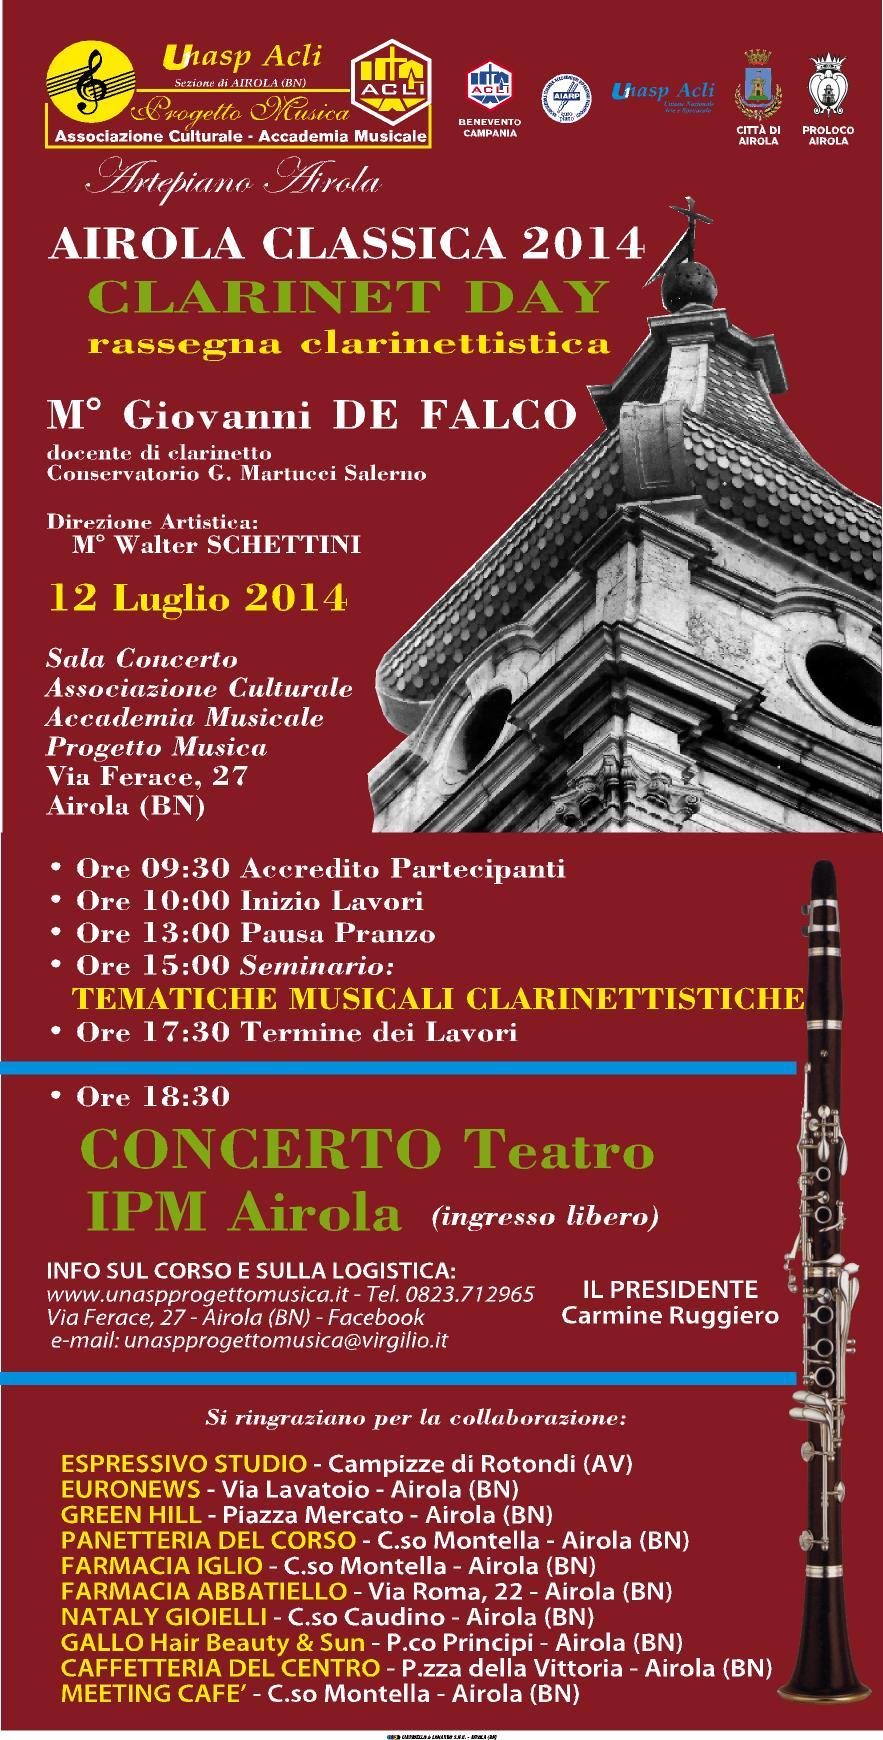 'Airola Classica 2014', al via sabato il 'Clarinet day'